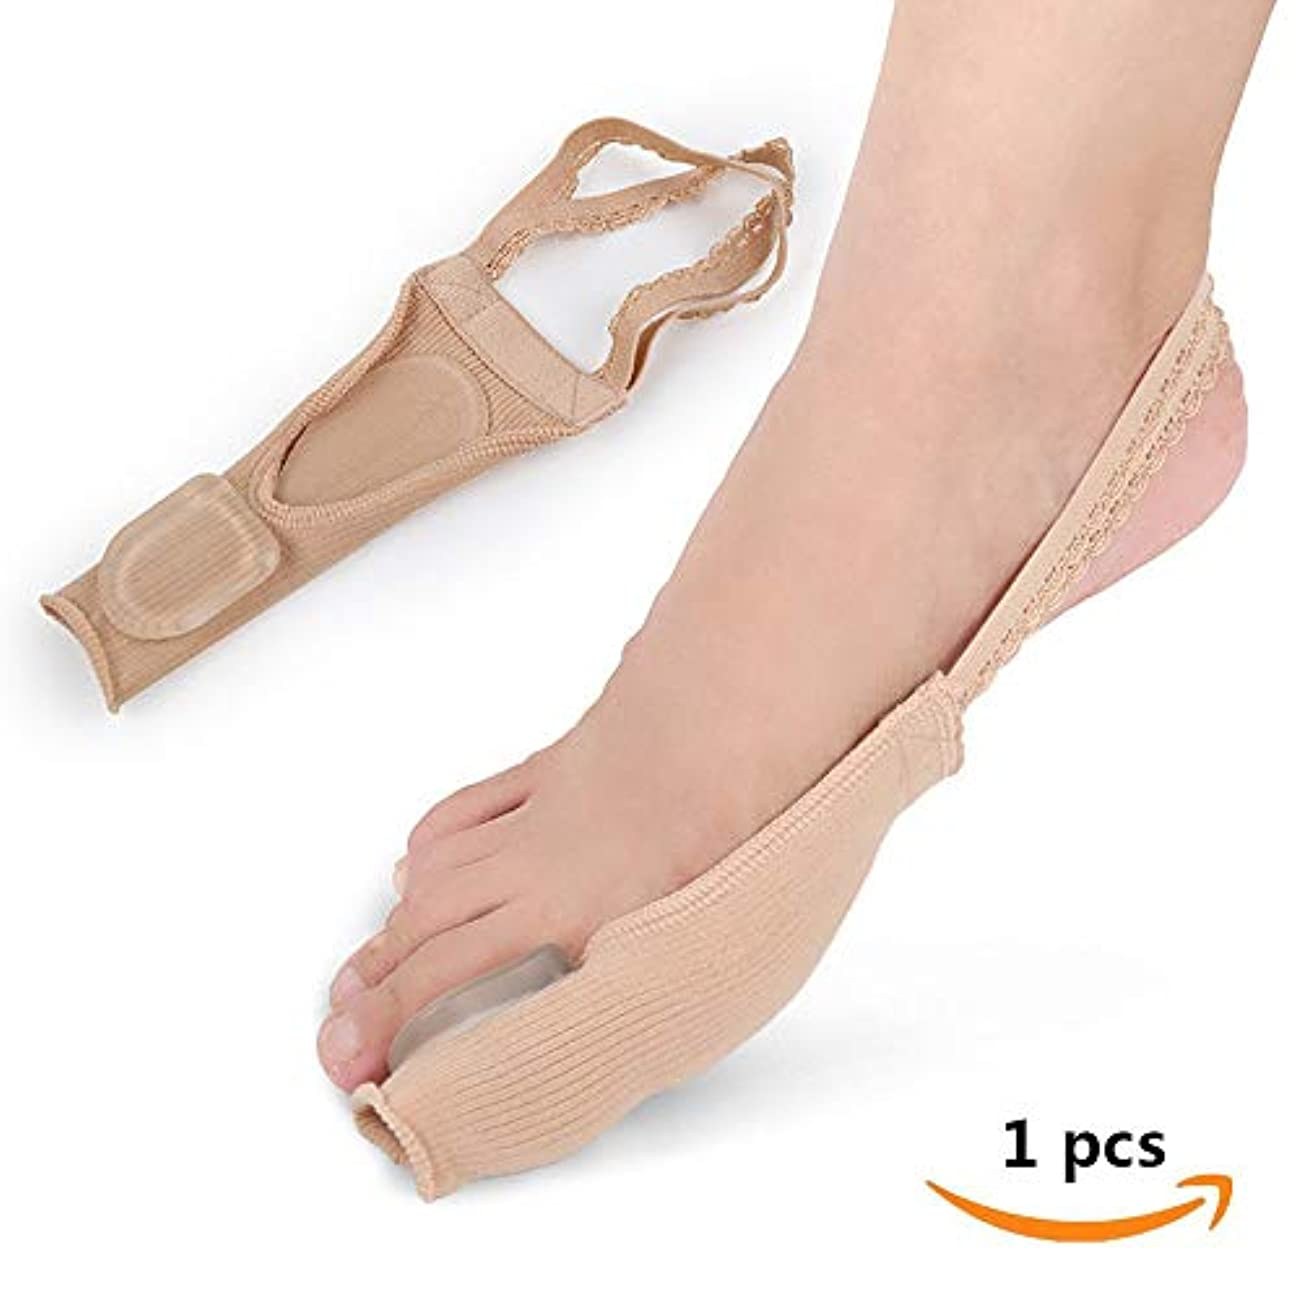 長々と懐電話する外反母趾装具とゲルパッド外反母趾包帯スプリント親指スリーブ袖ソックス重複つま先スプレッダー親指、左右の足ユニバーサル(1pcs),S-EU:35-37